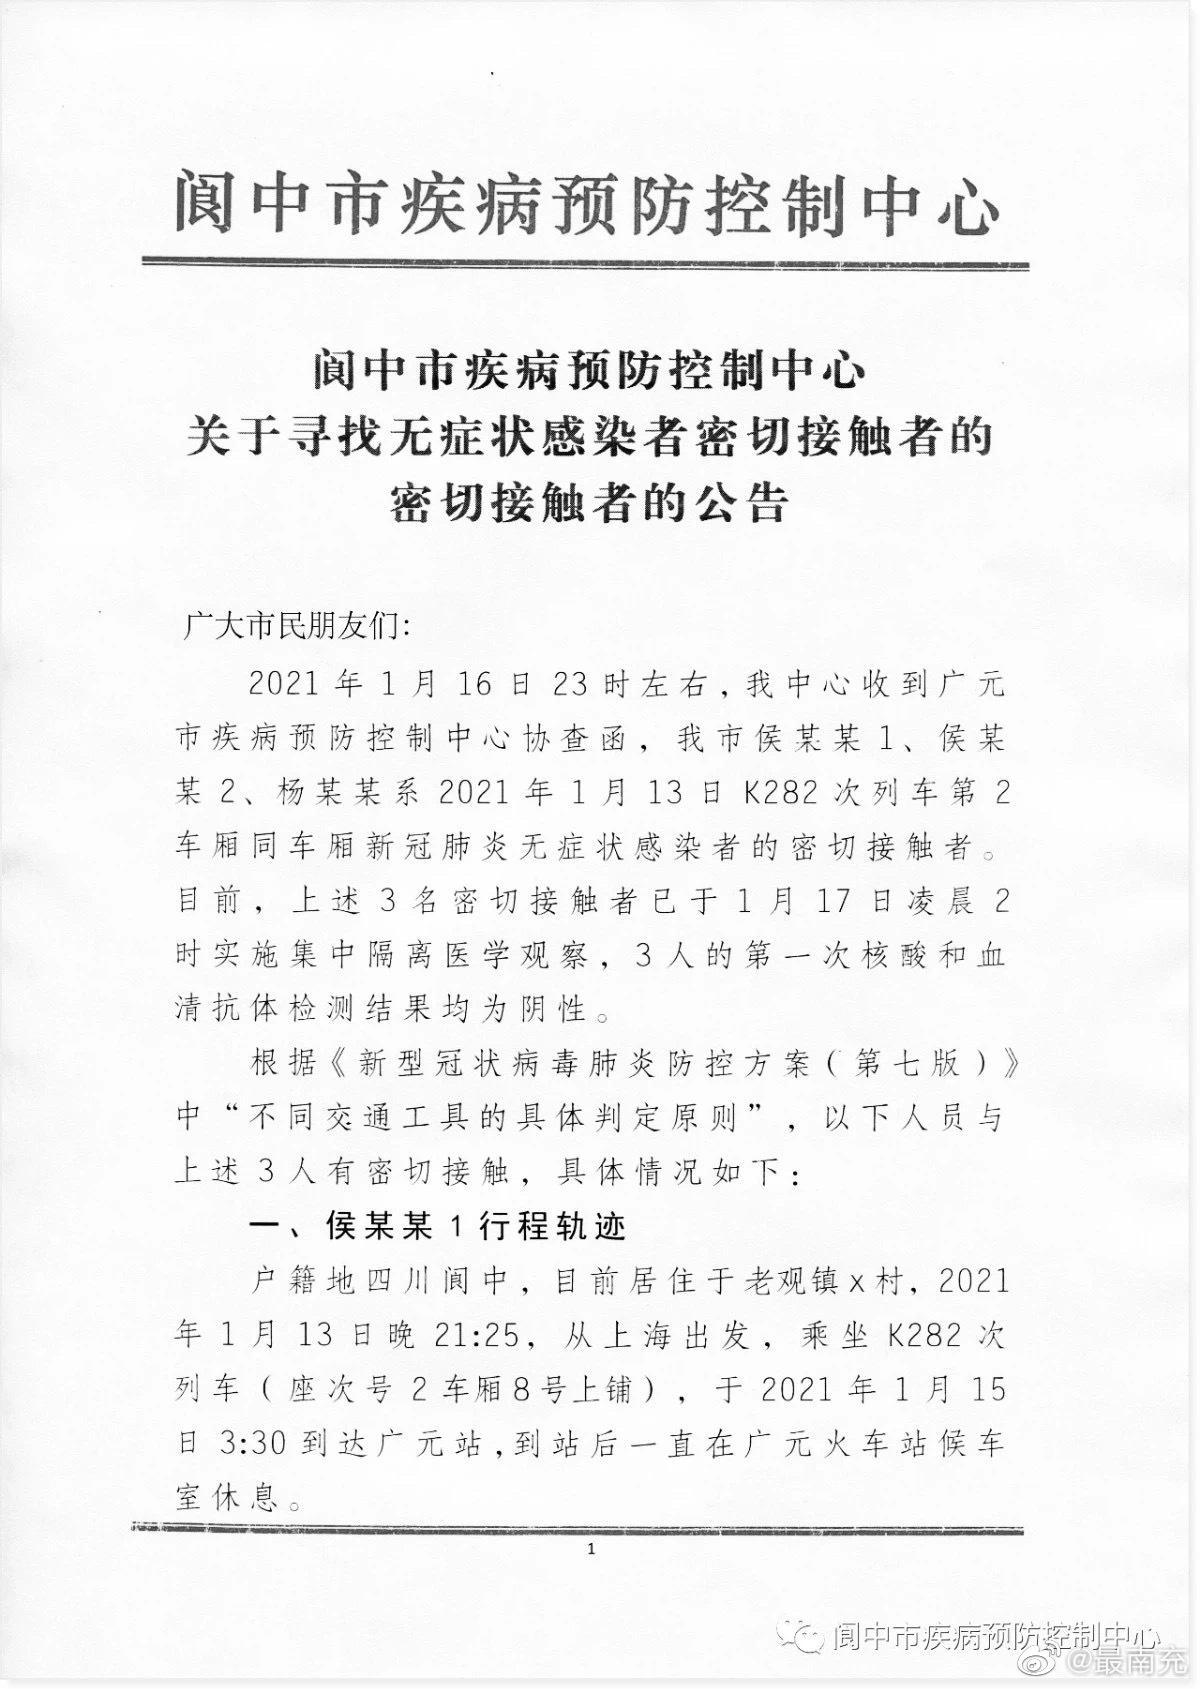 阆中市关于寻找无症状感染者密切接触者的密切接触者的……